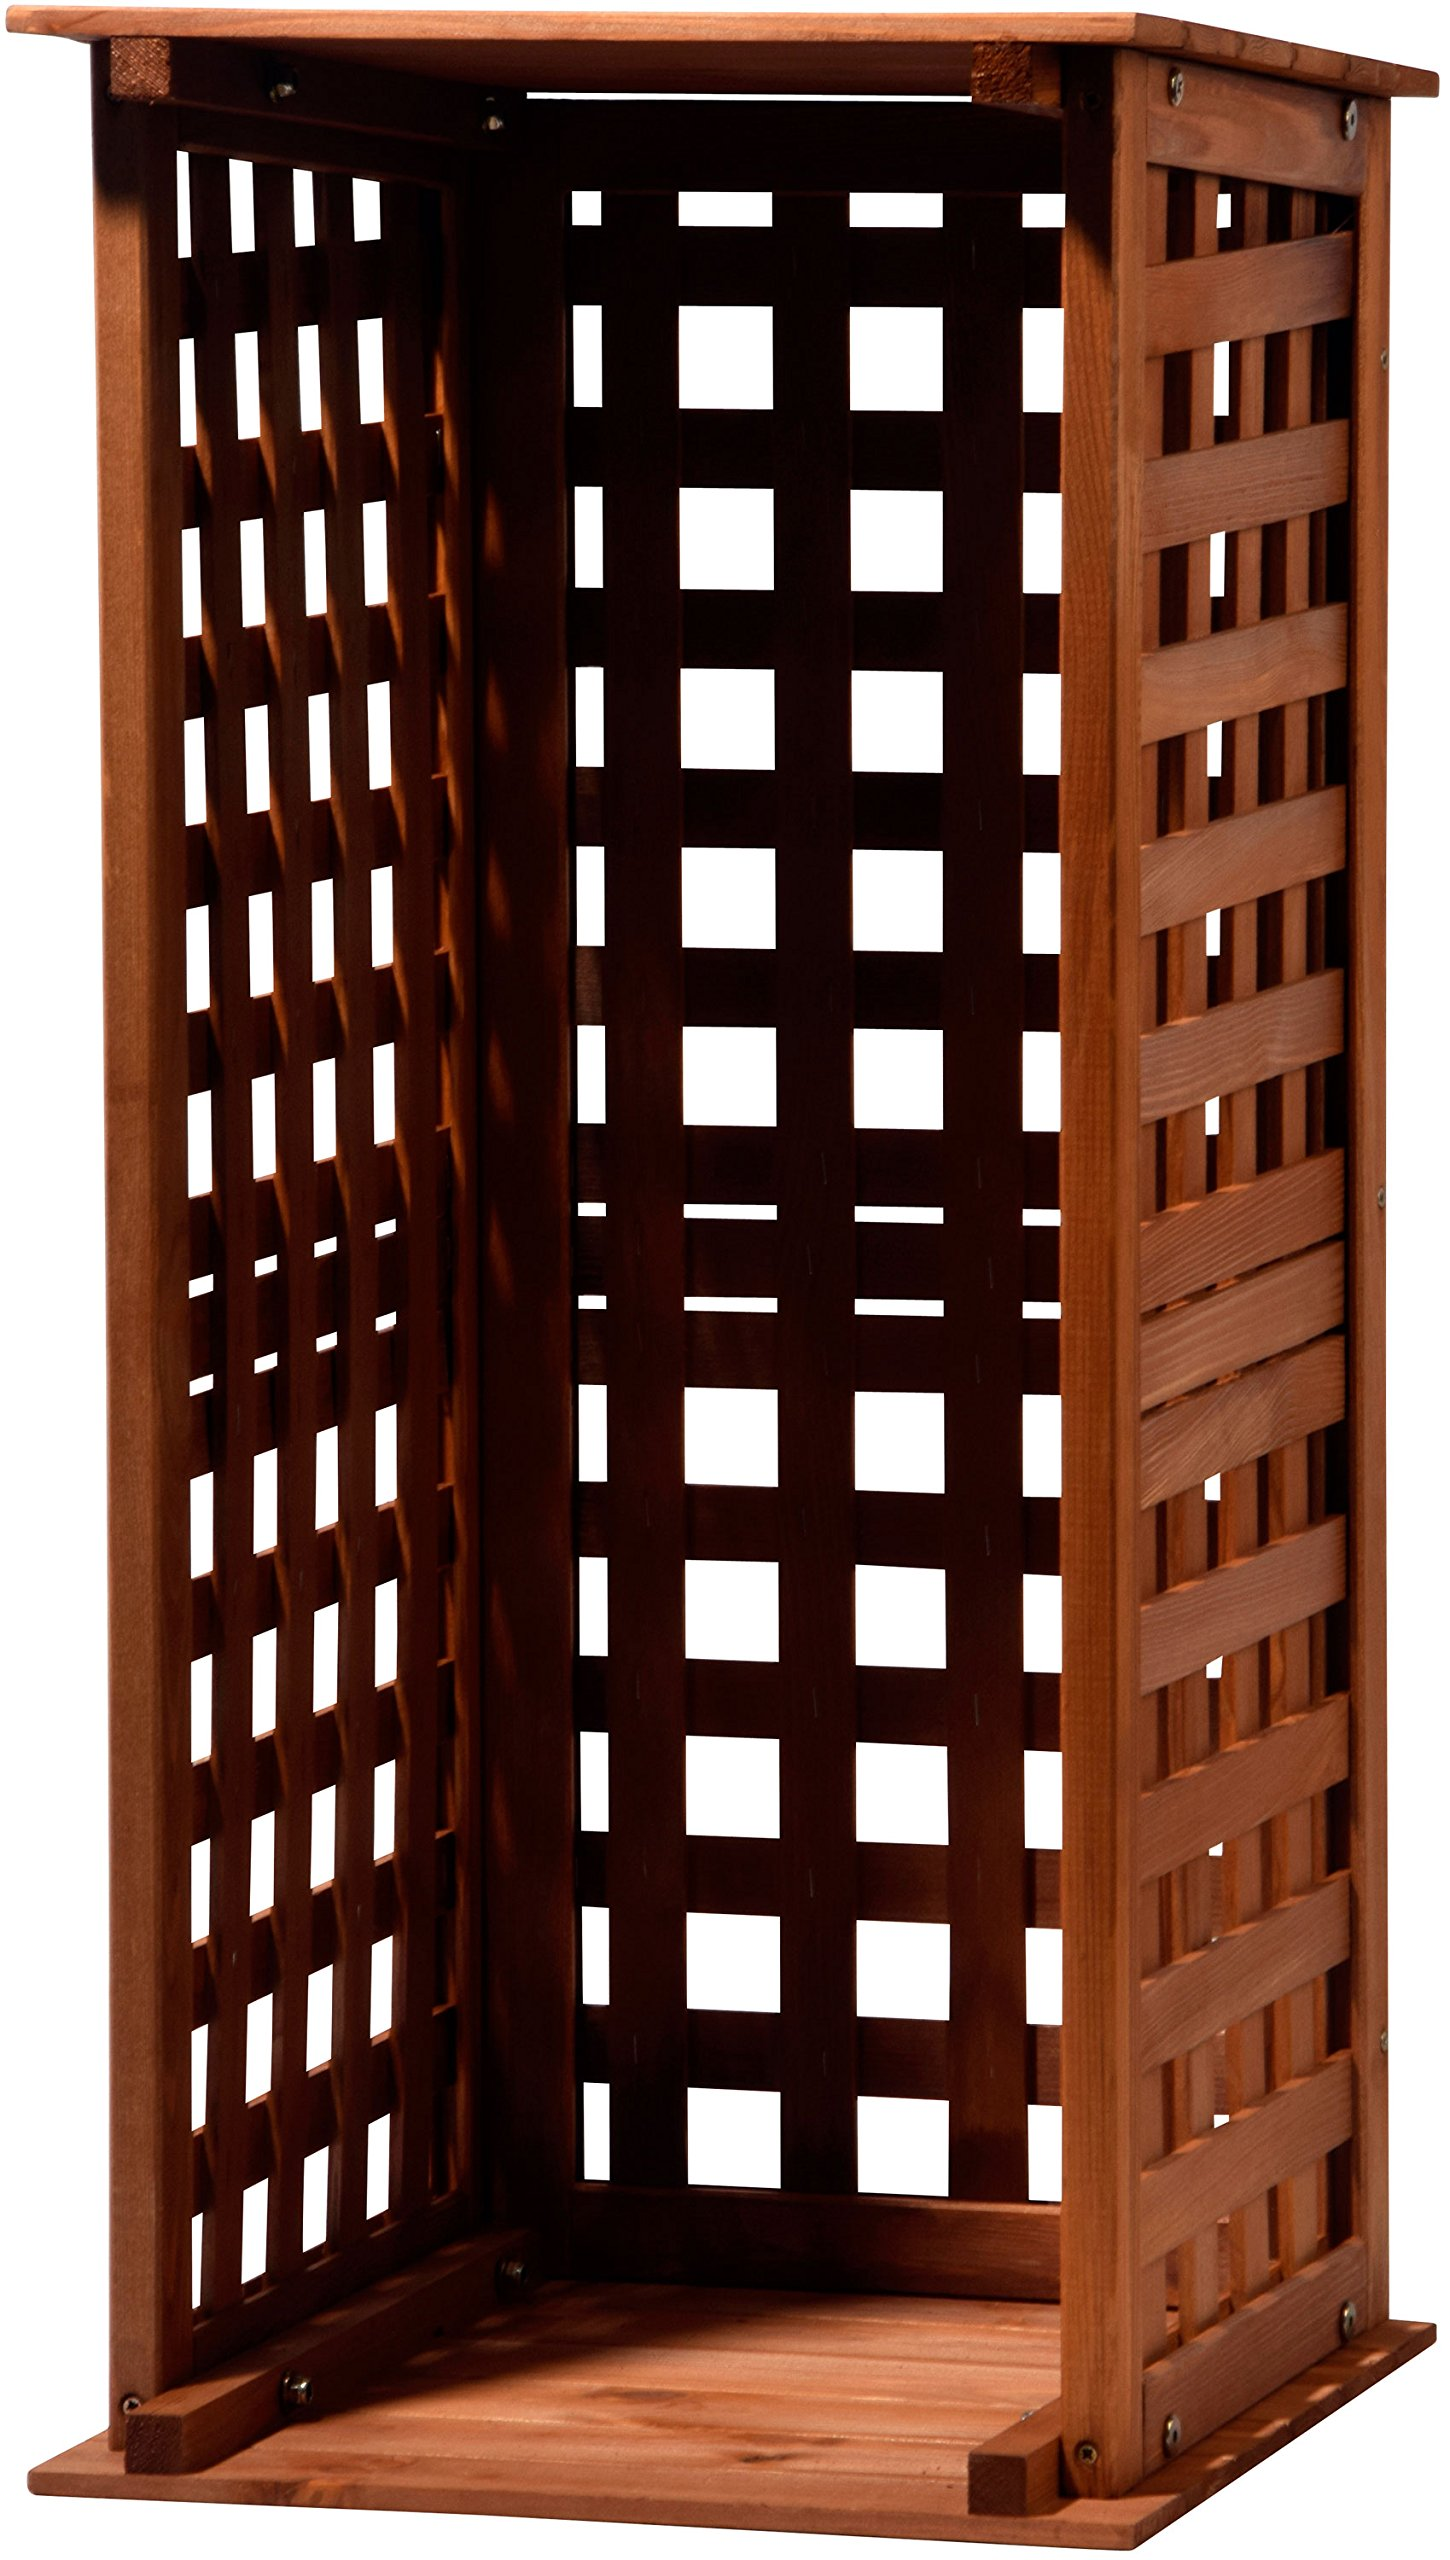 dobar 29097FSC Chimenea Madera Estante de Madera para Interior y Exterior en el jardín, marrón, 39x 39x 85cm